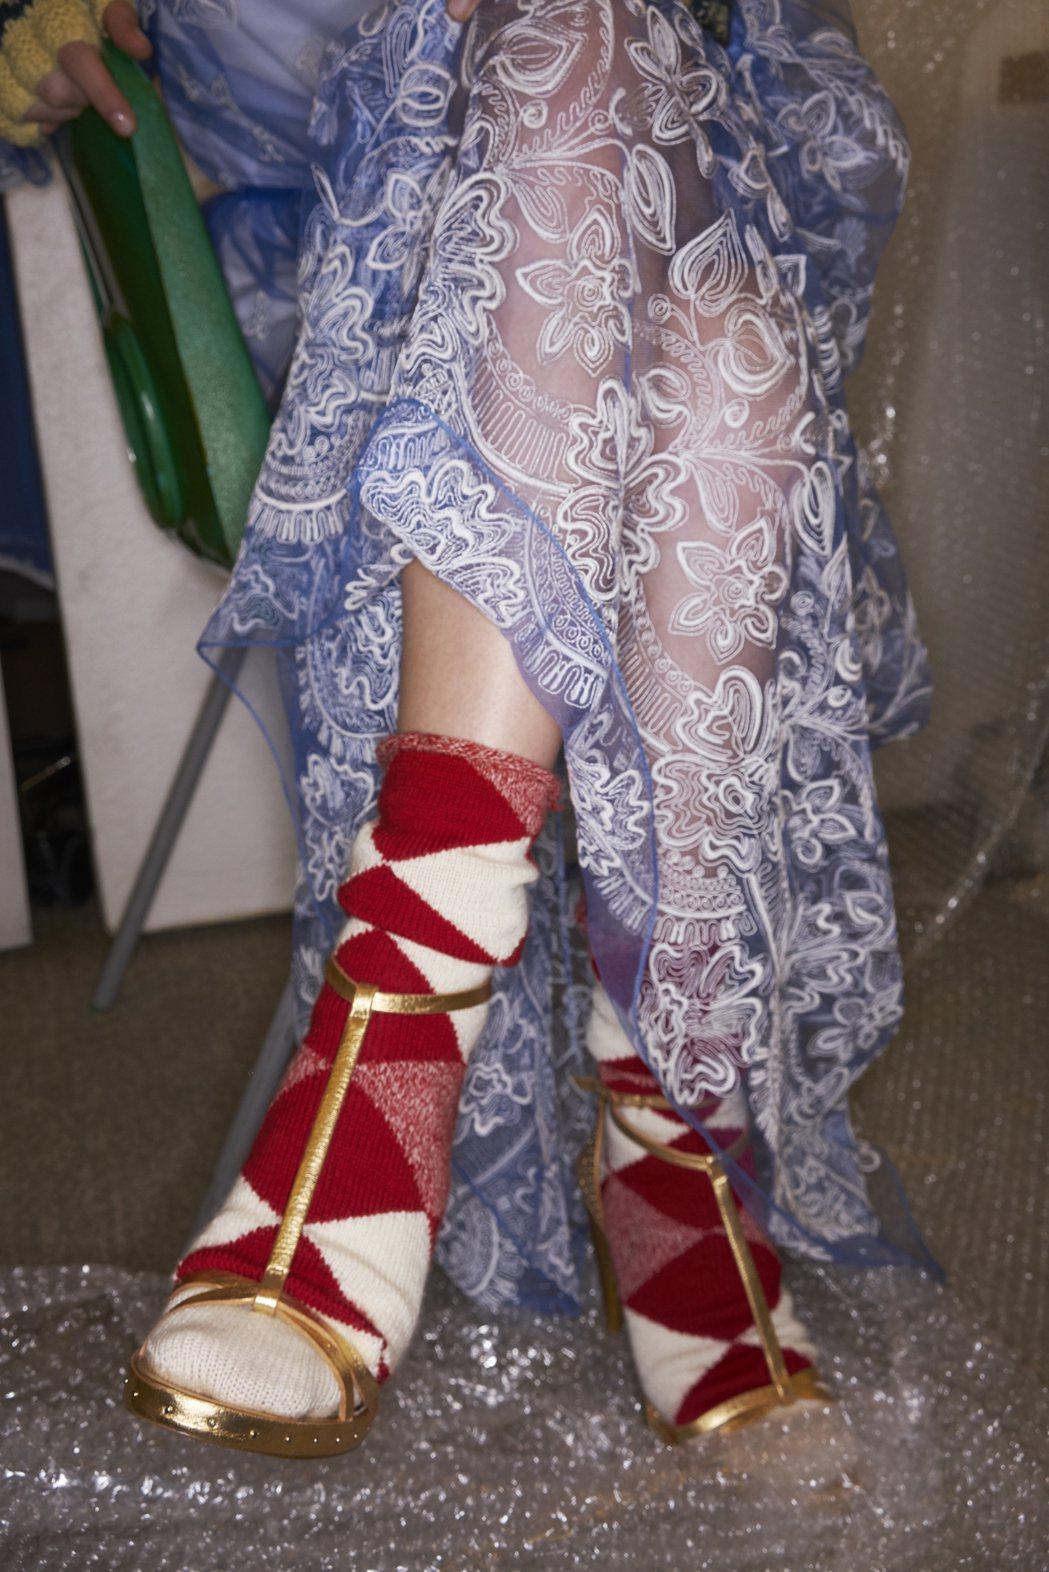 浪漫刺繡和經典格紋變化出多種風貌的九月系列。圖/BURBERRY提供